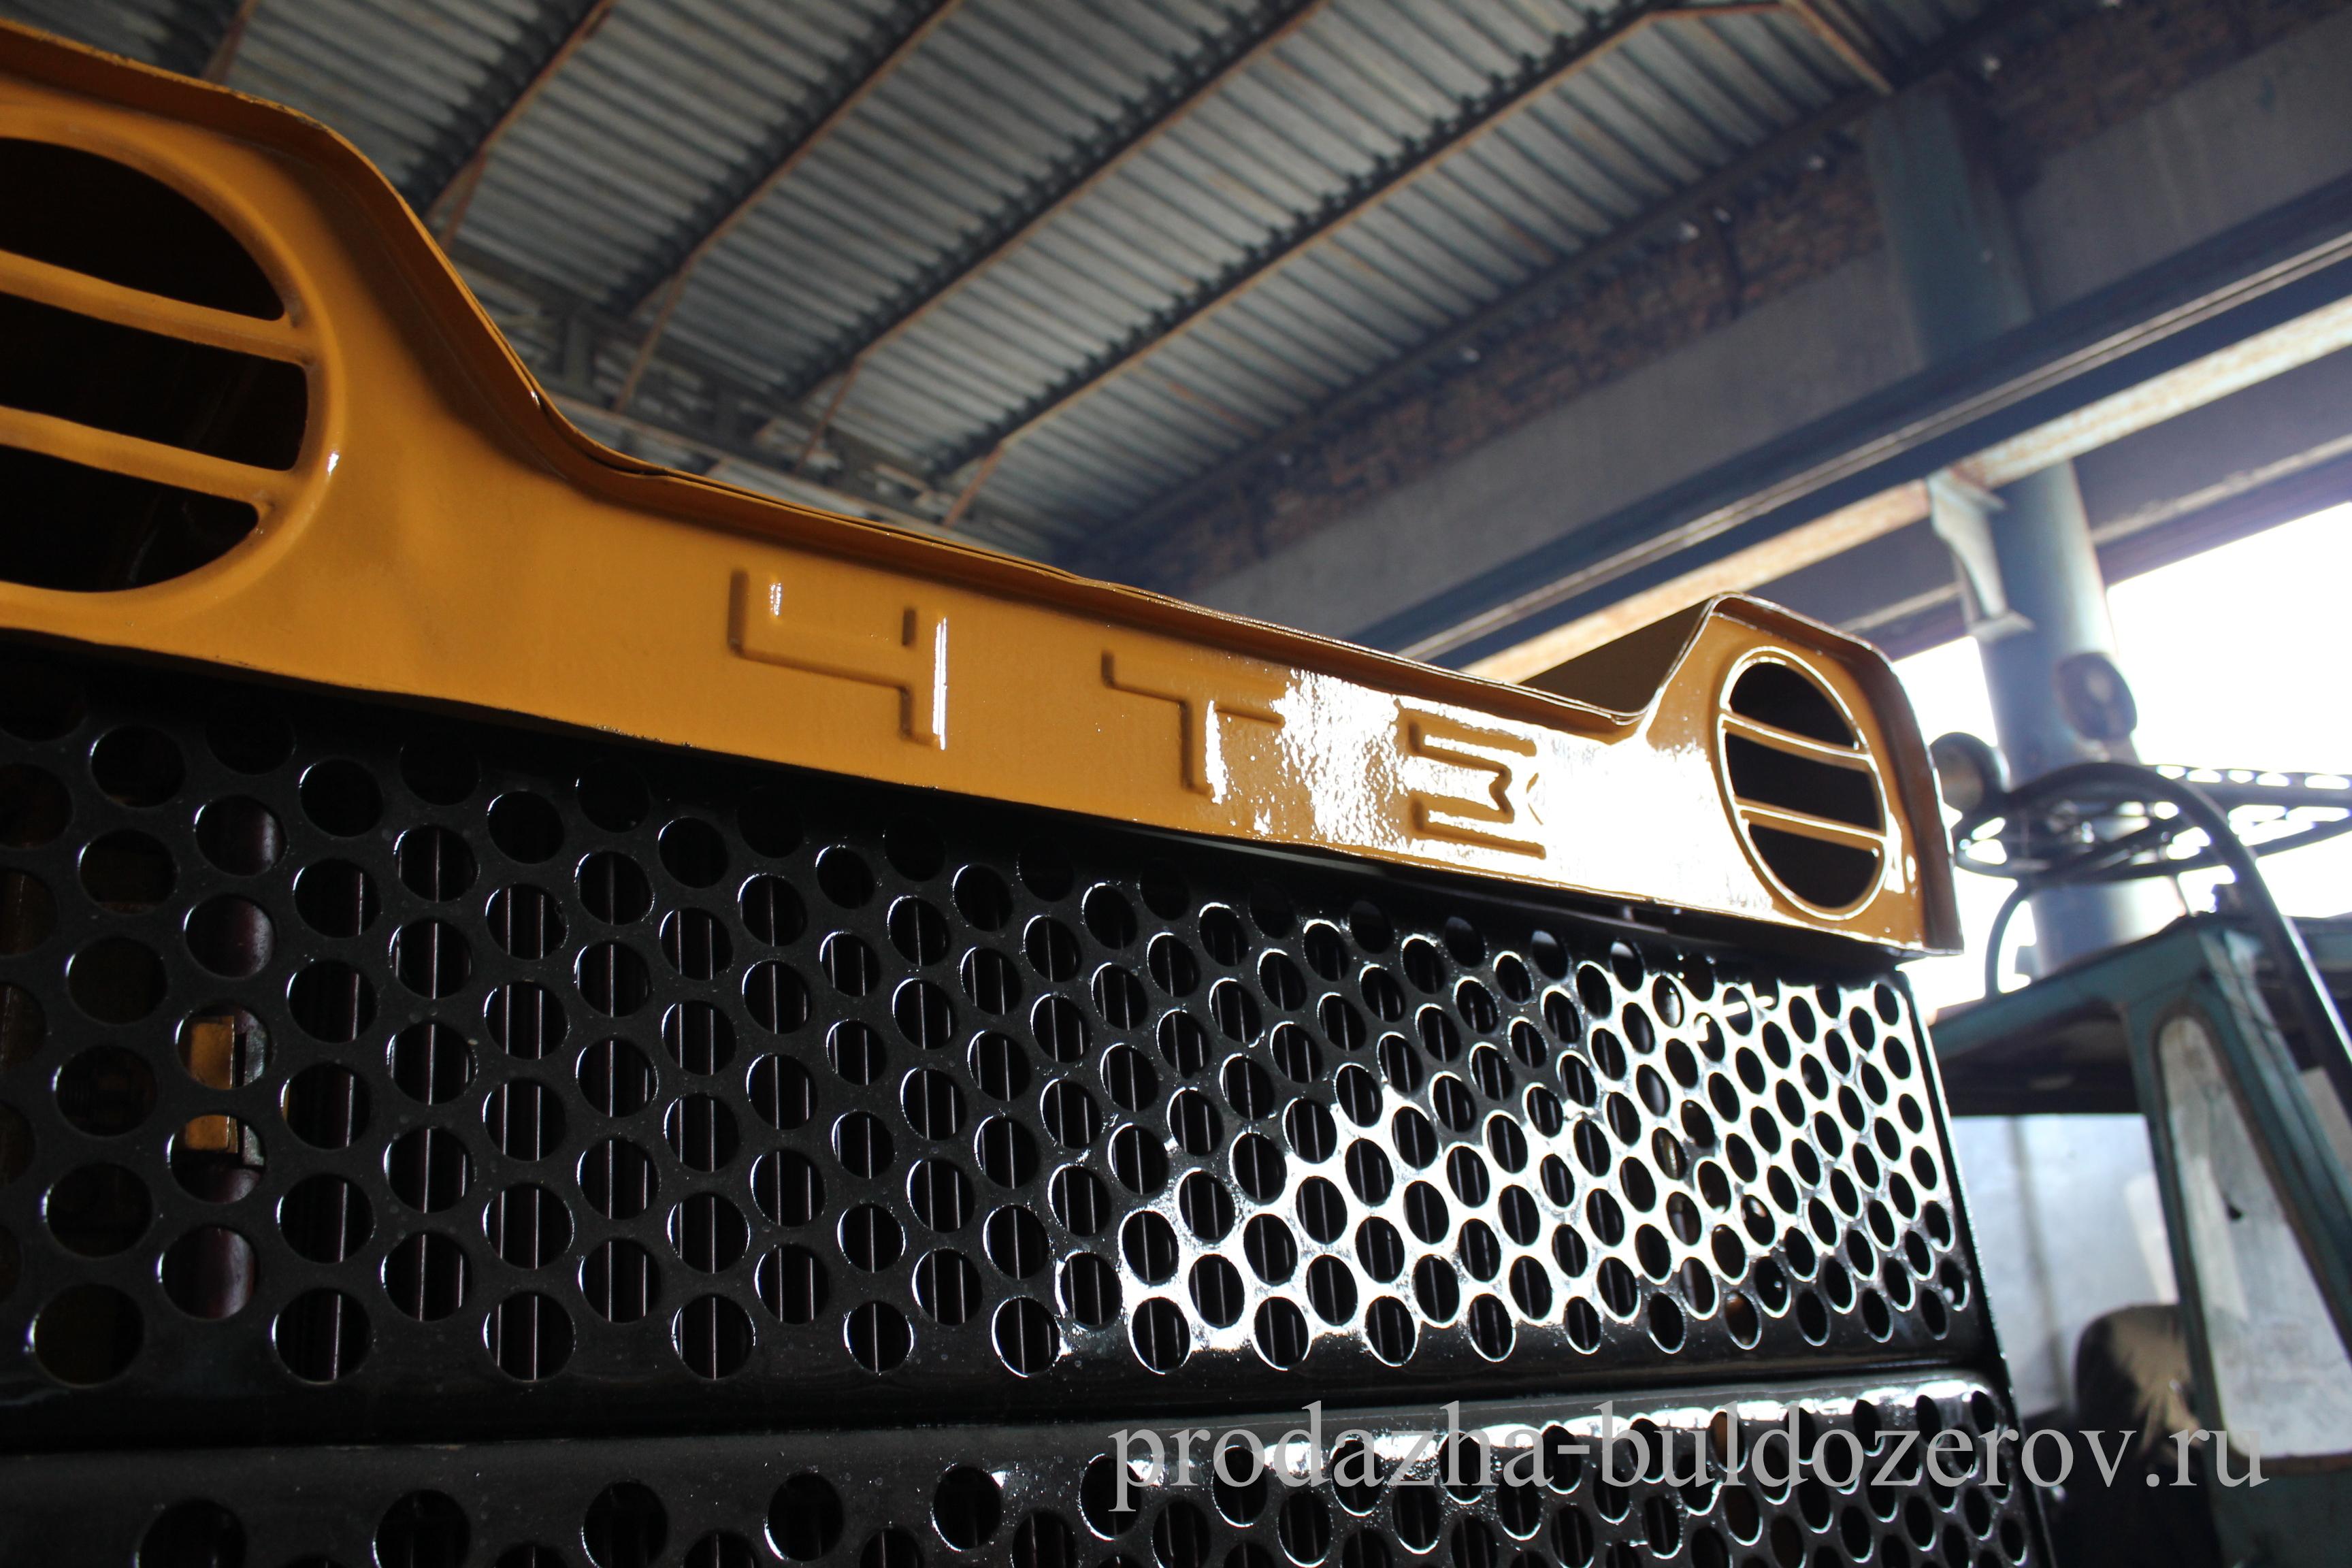 Продажа бульдозера b Т/b-130/ b Т/b-b 170 /b ЧТЗ.